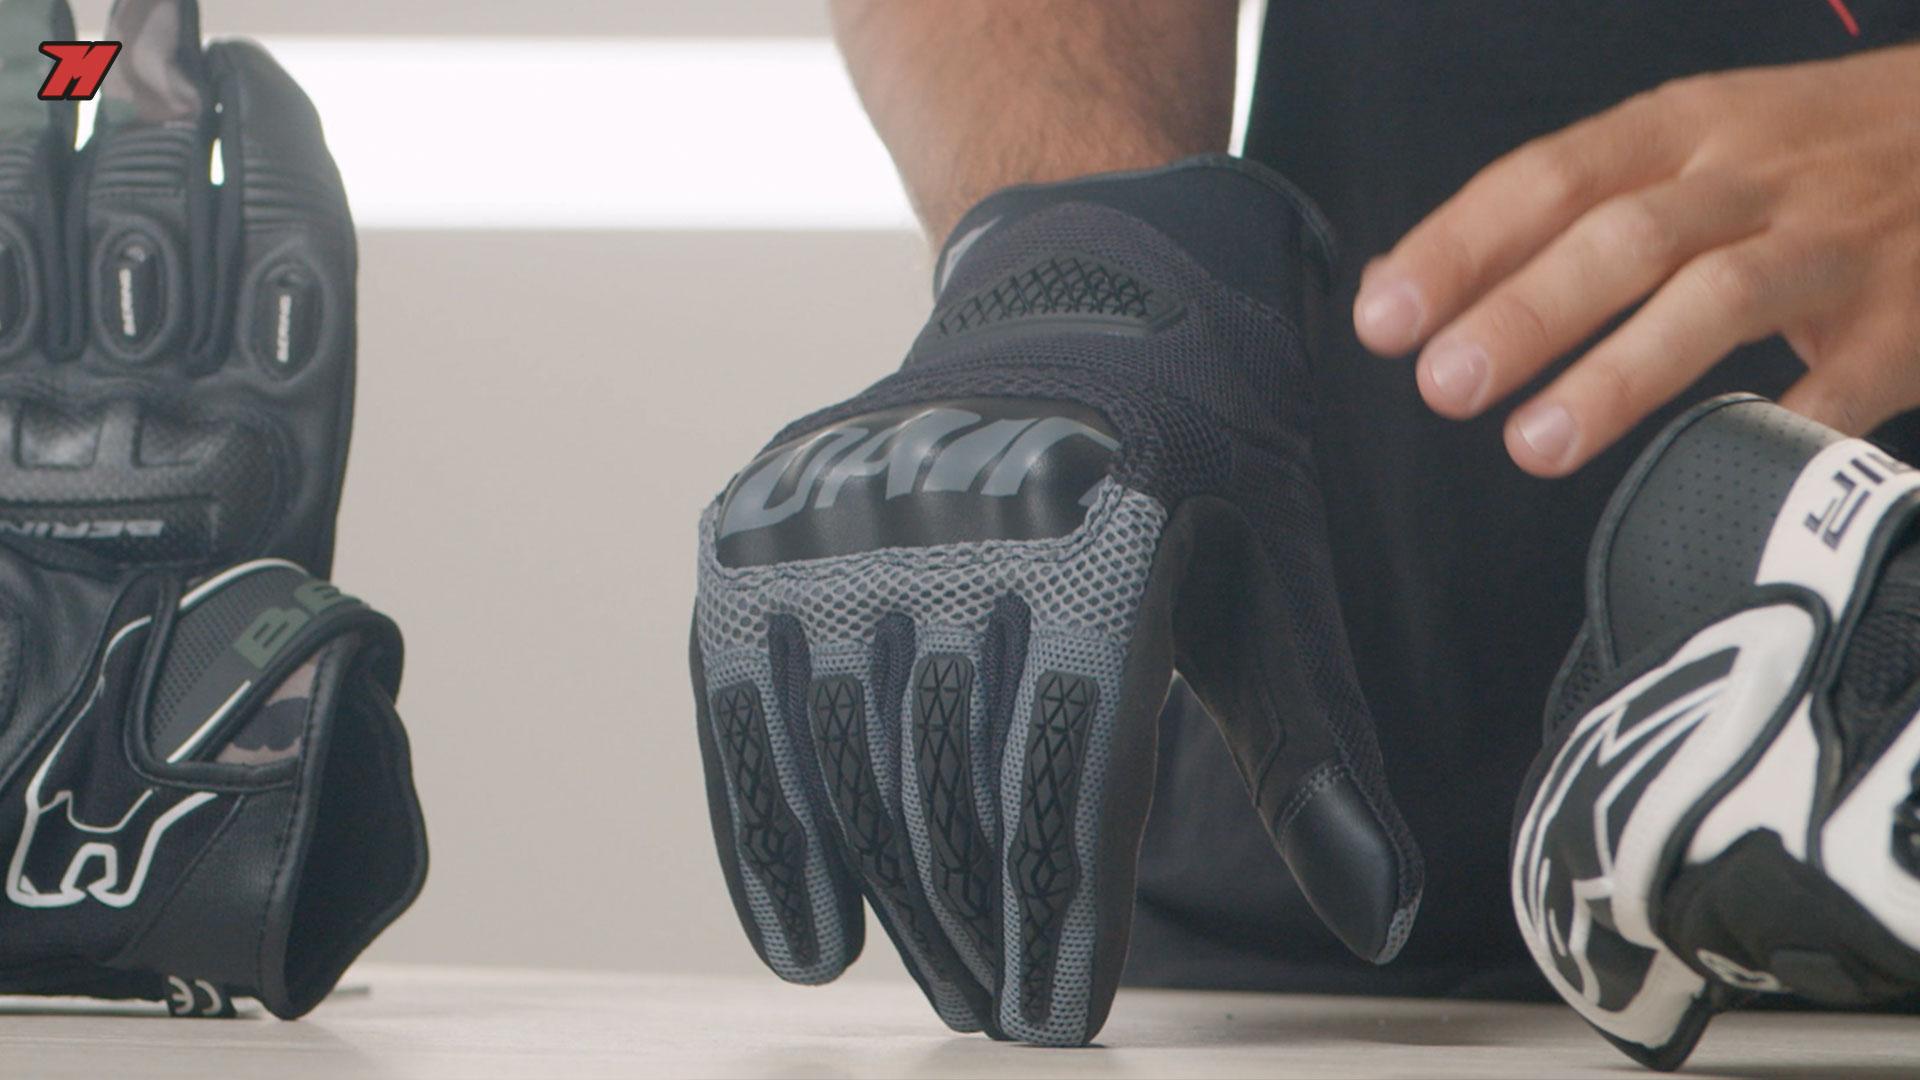 Los Dainese Bora son unos guantes de moto para verano muy ligeros.